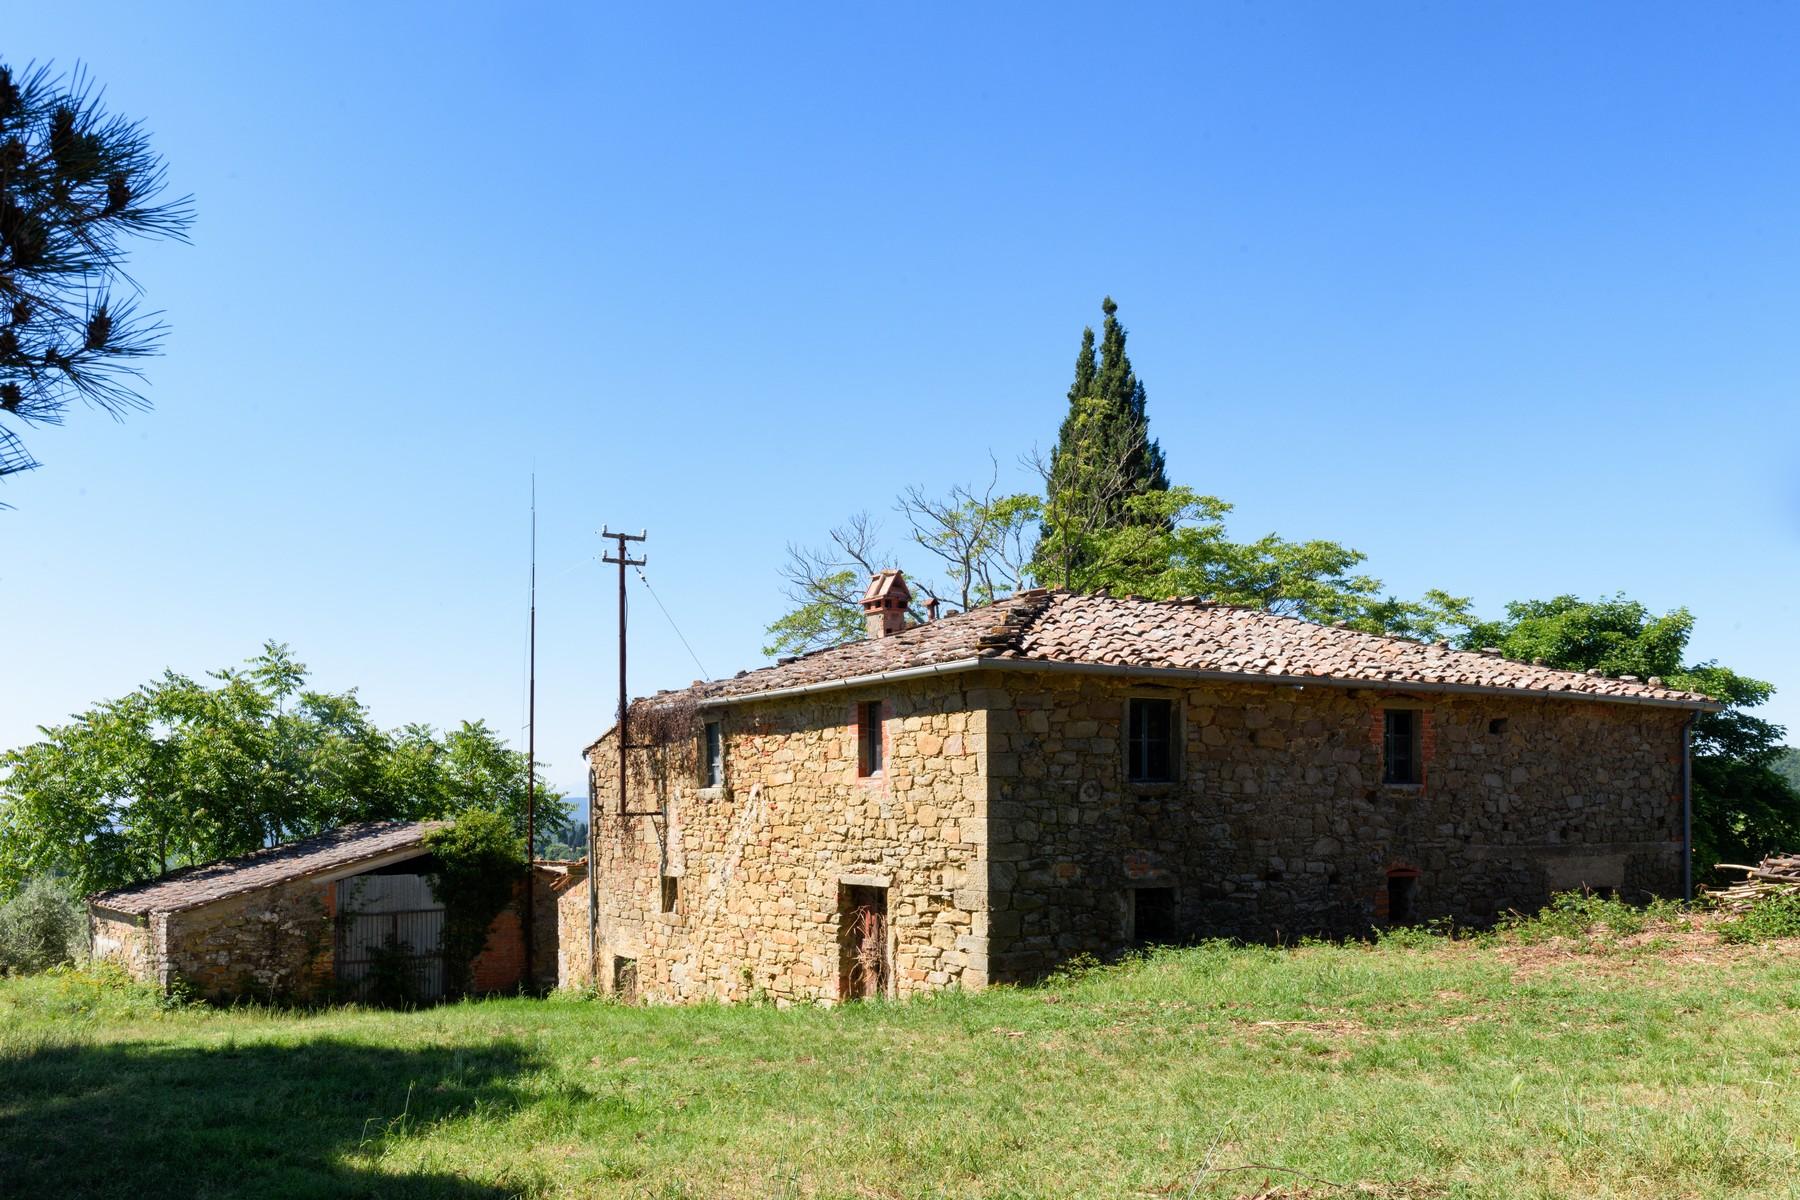 Rustico in Vendita a Monte San Savino: 5 locali, 370 mq - Foto 4